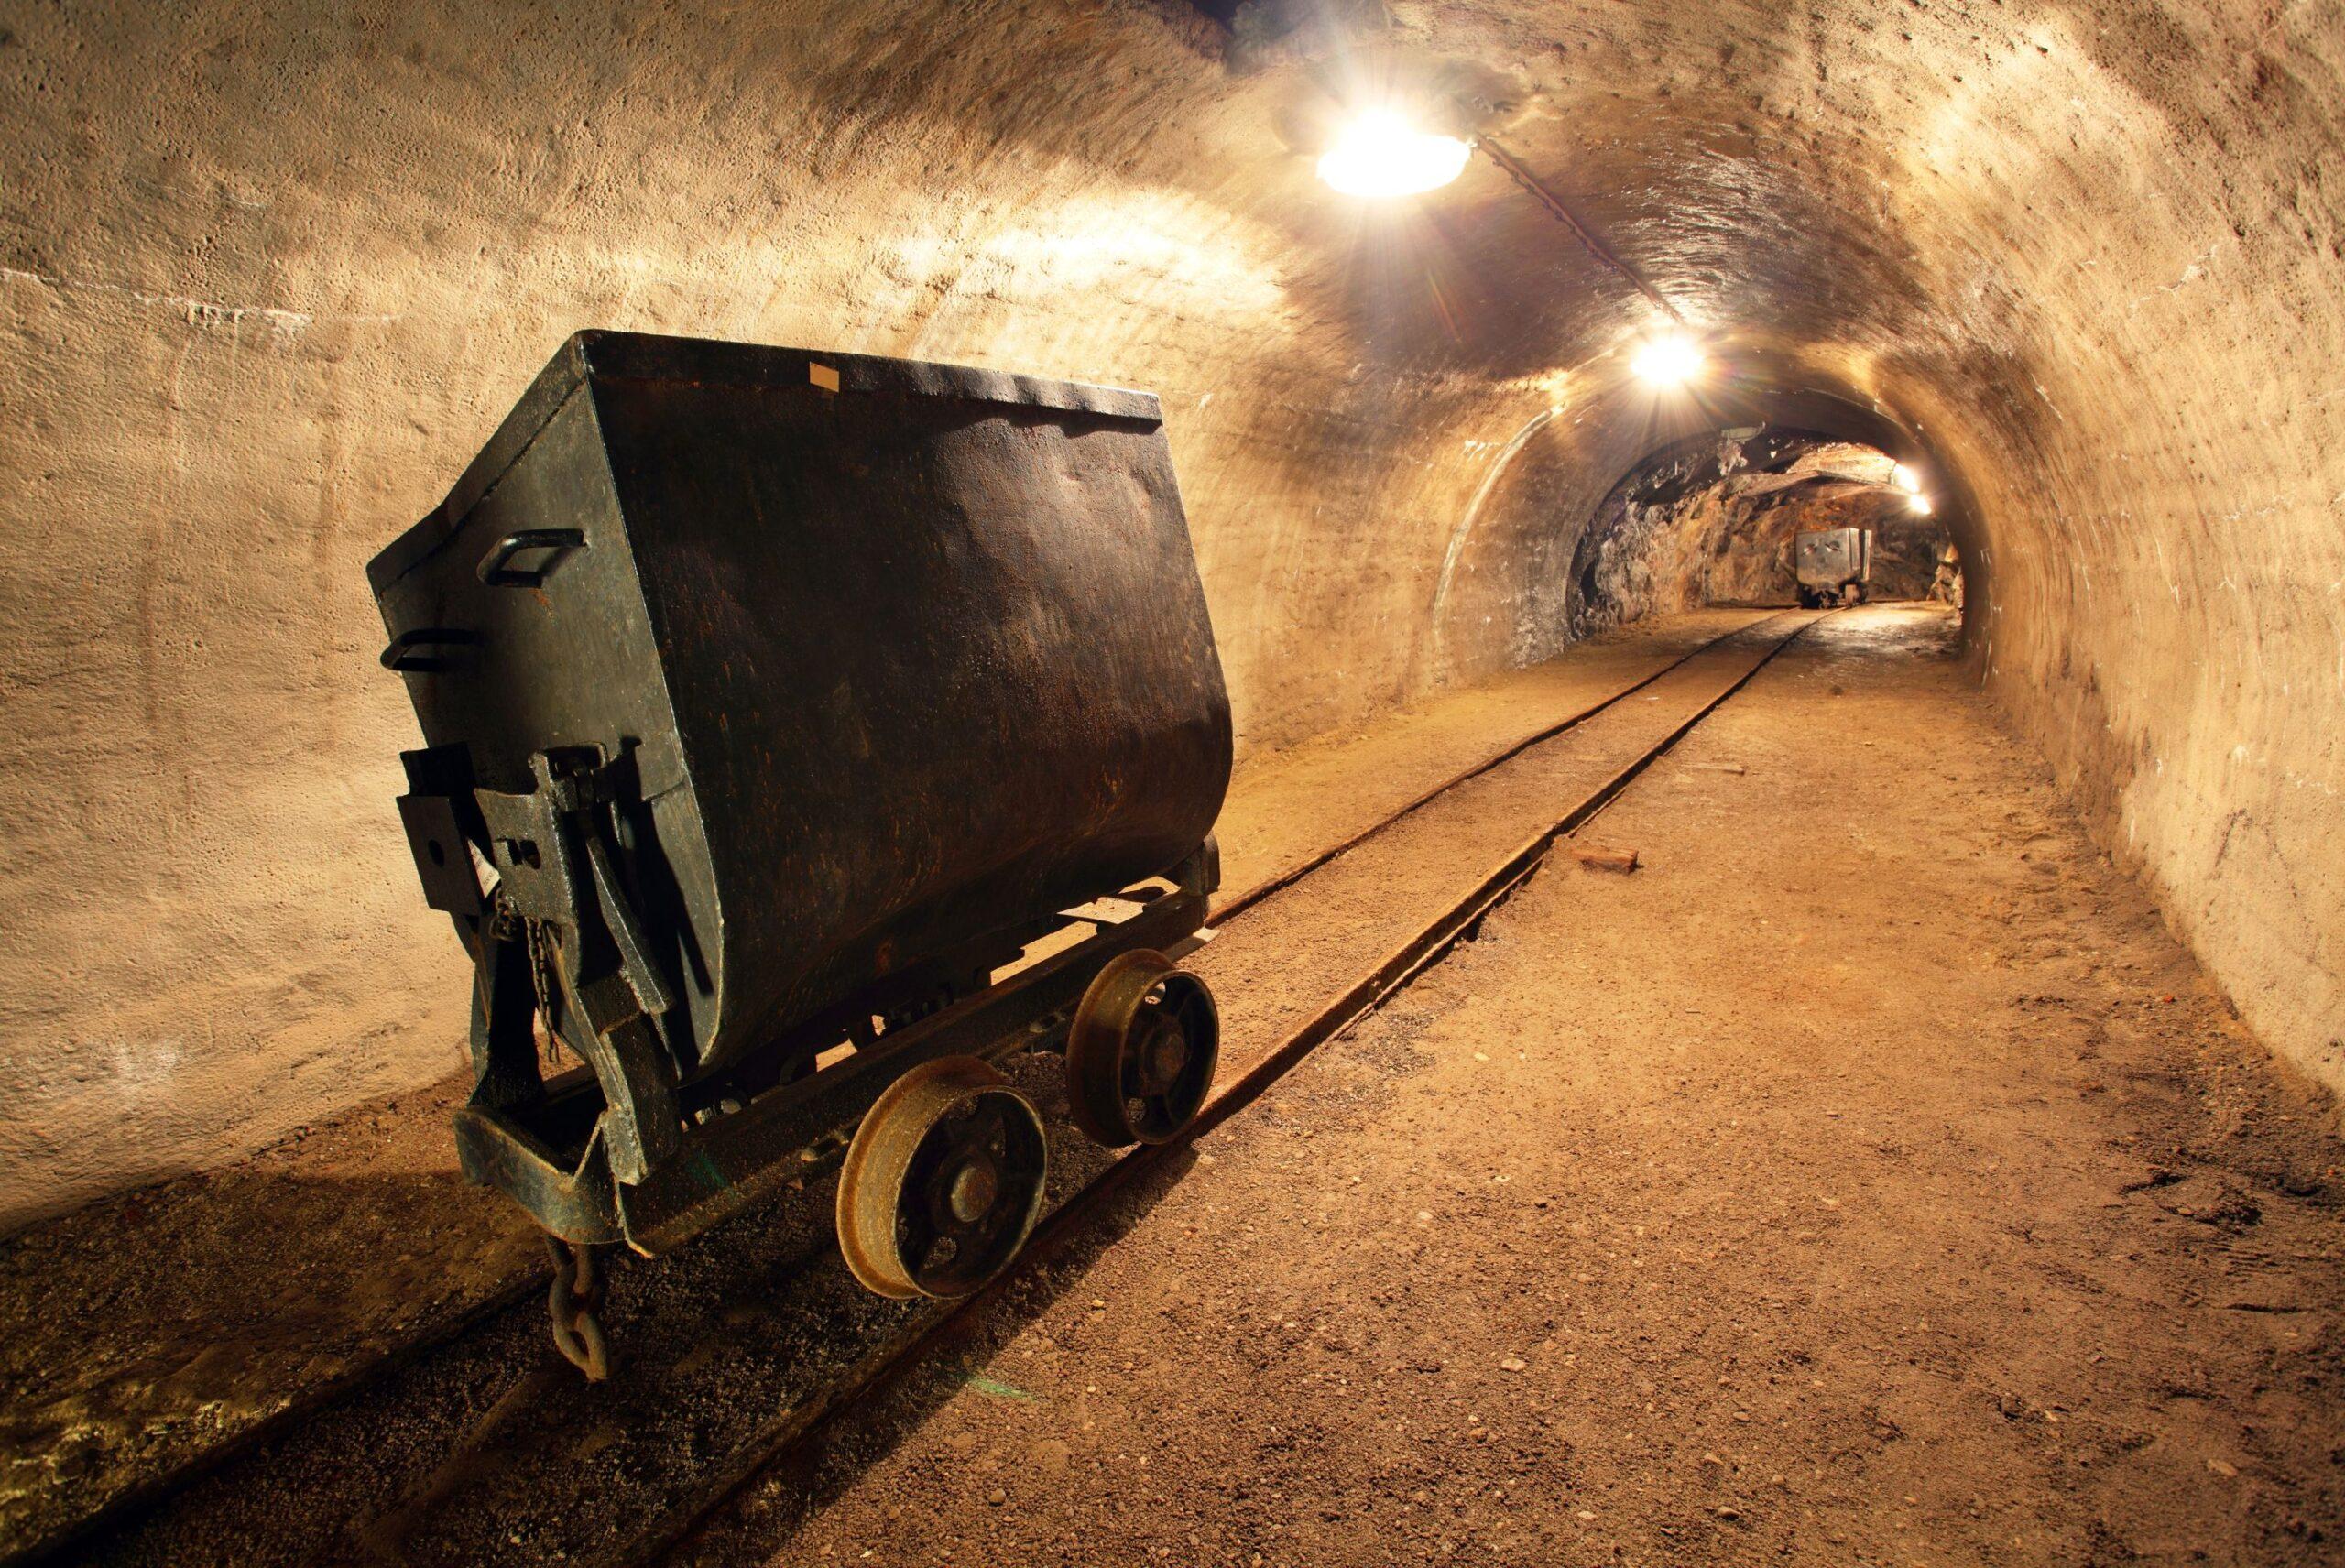 Eric Strand, VD för AuAg Fonder och grundare av AuAg ESG Gold Mining UCITS ETF ansluter sig till Proactive London om lanseringen av den första ESG-fokuserade guldbrytnings-ETFen som lanseras på Londonbörsen för att hjälpa investerare att få tillgång till guldgruvsektorn i en ansvarsfull sätt'